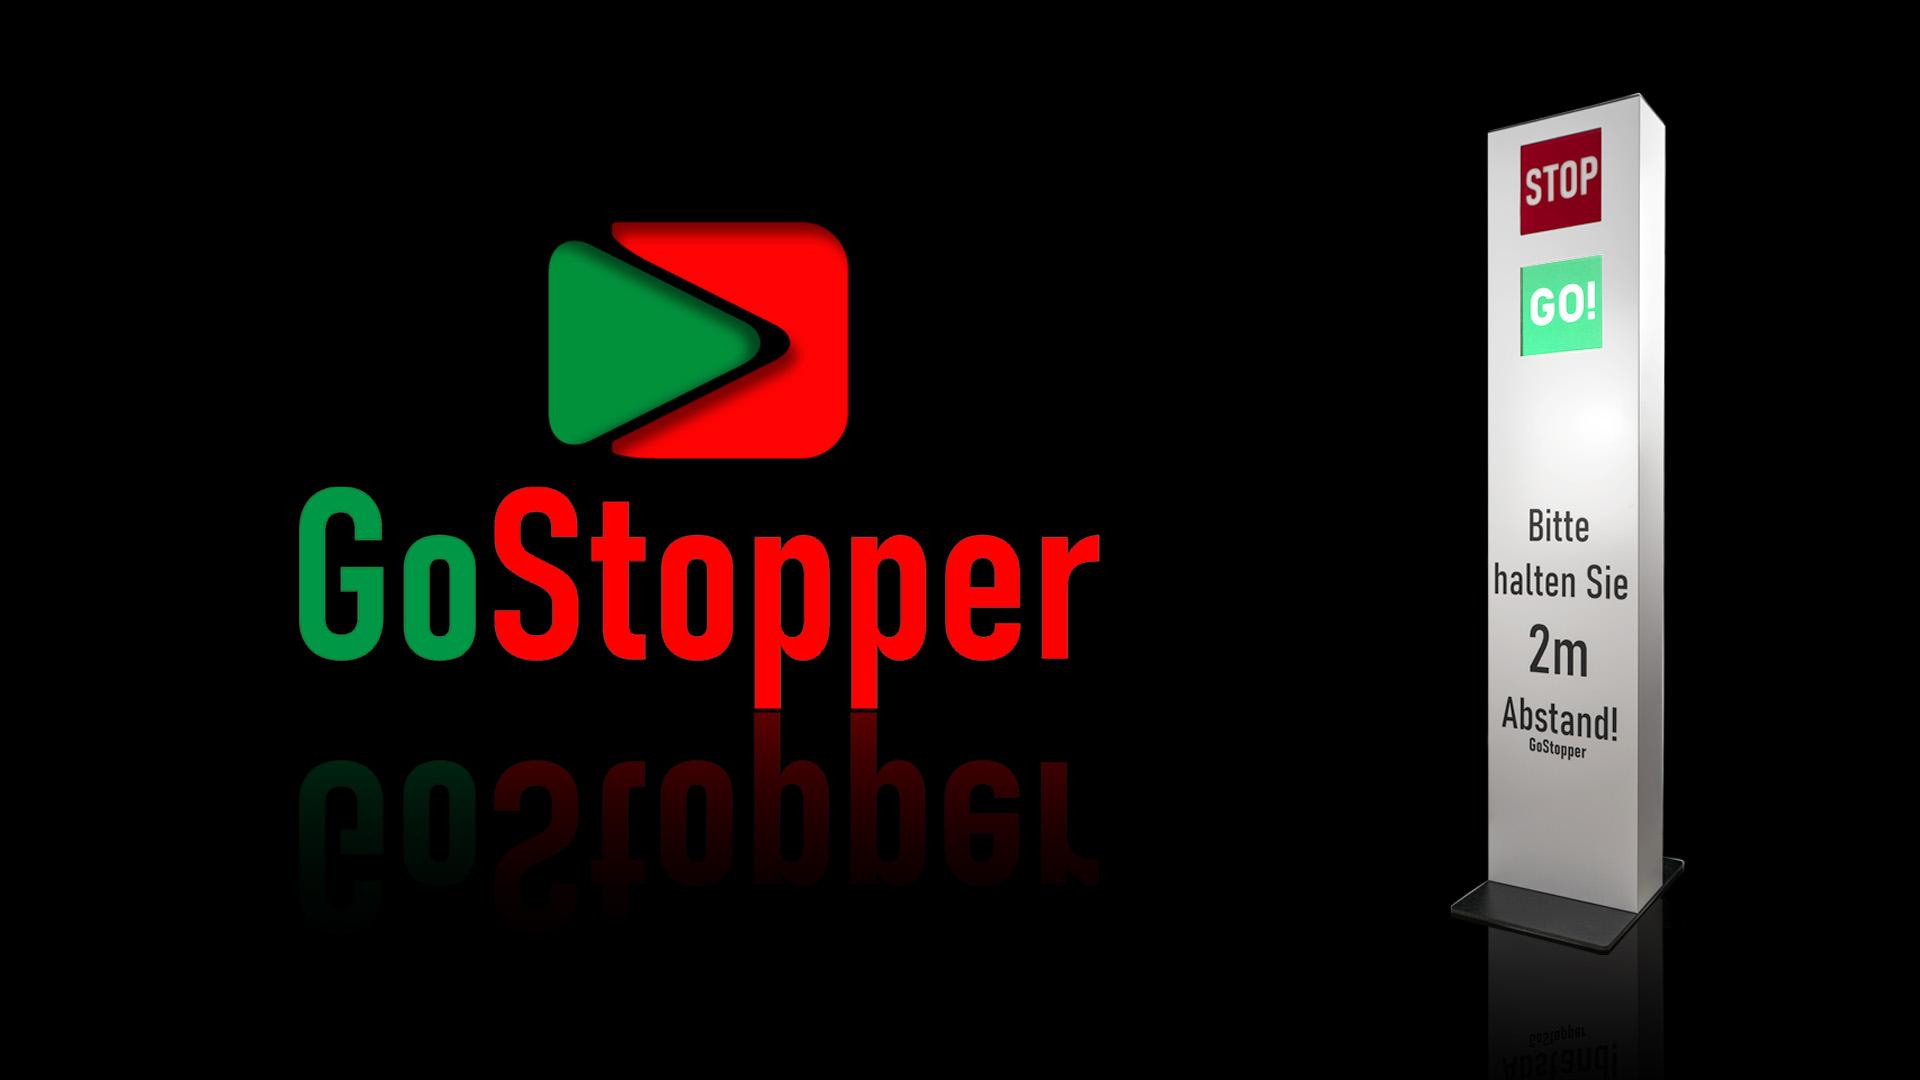 GoStopper